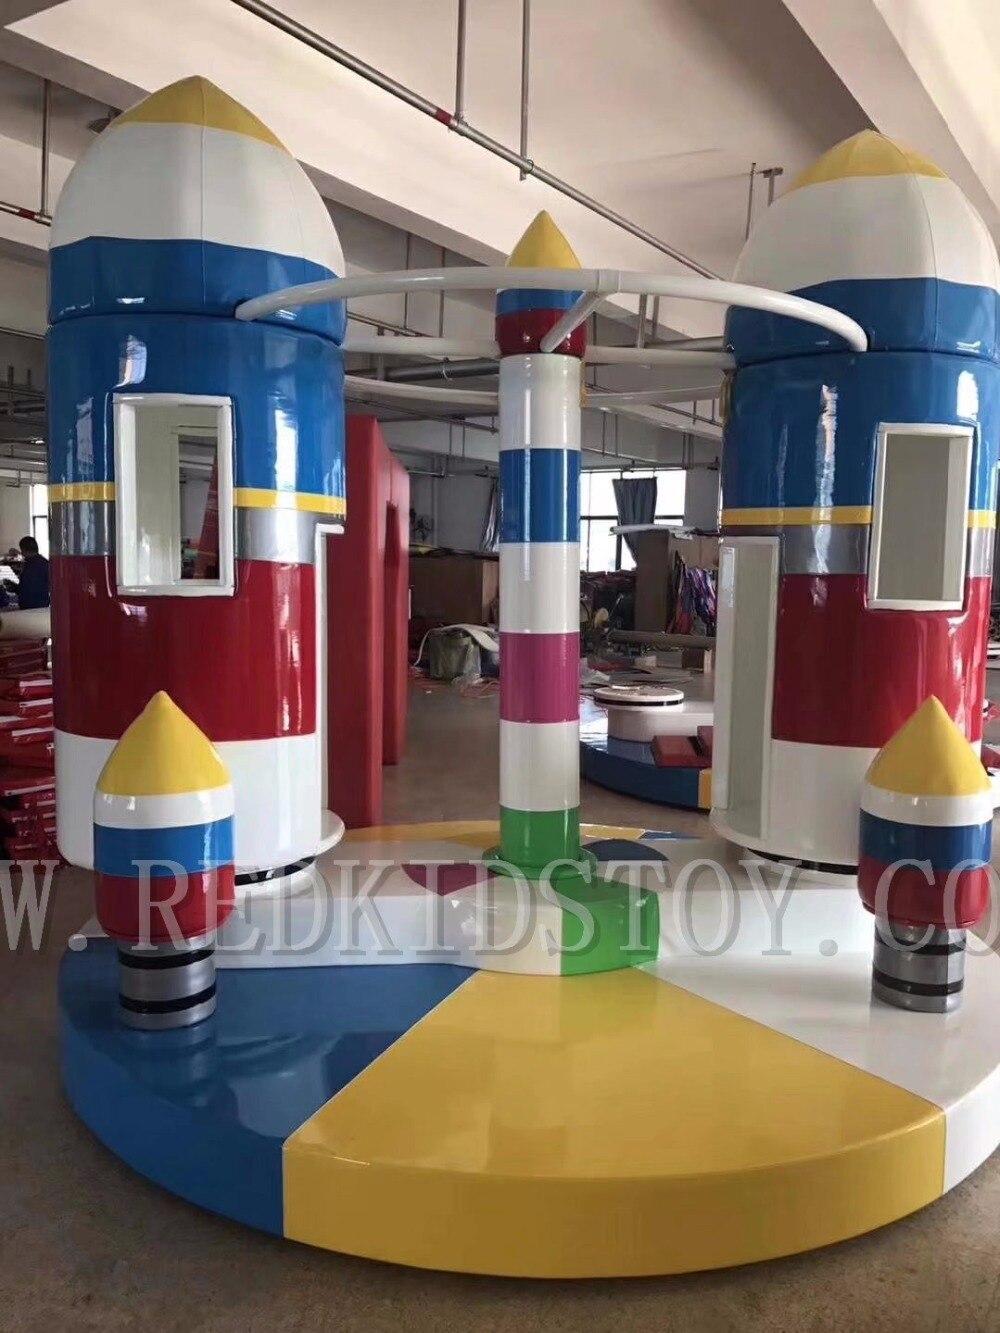 Carrousel électrique intérieur fusée CE approuvé enfants jouer Center joyeux aller rond HZ-7905g